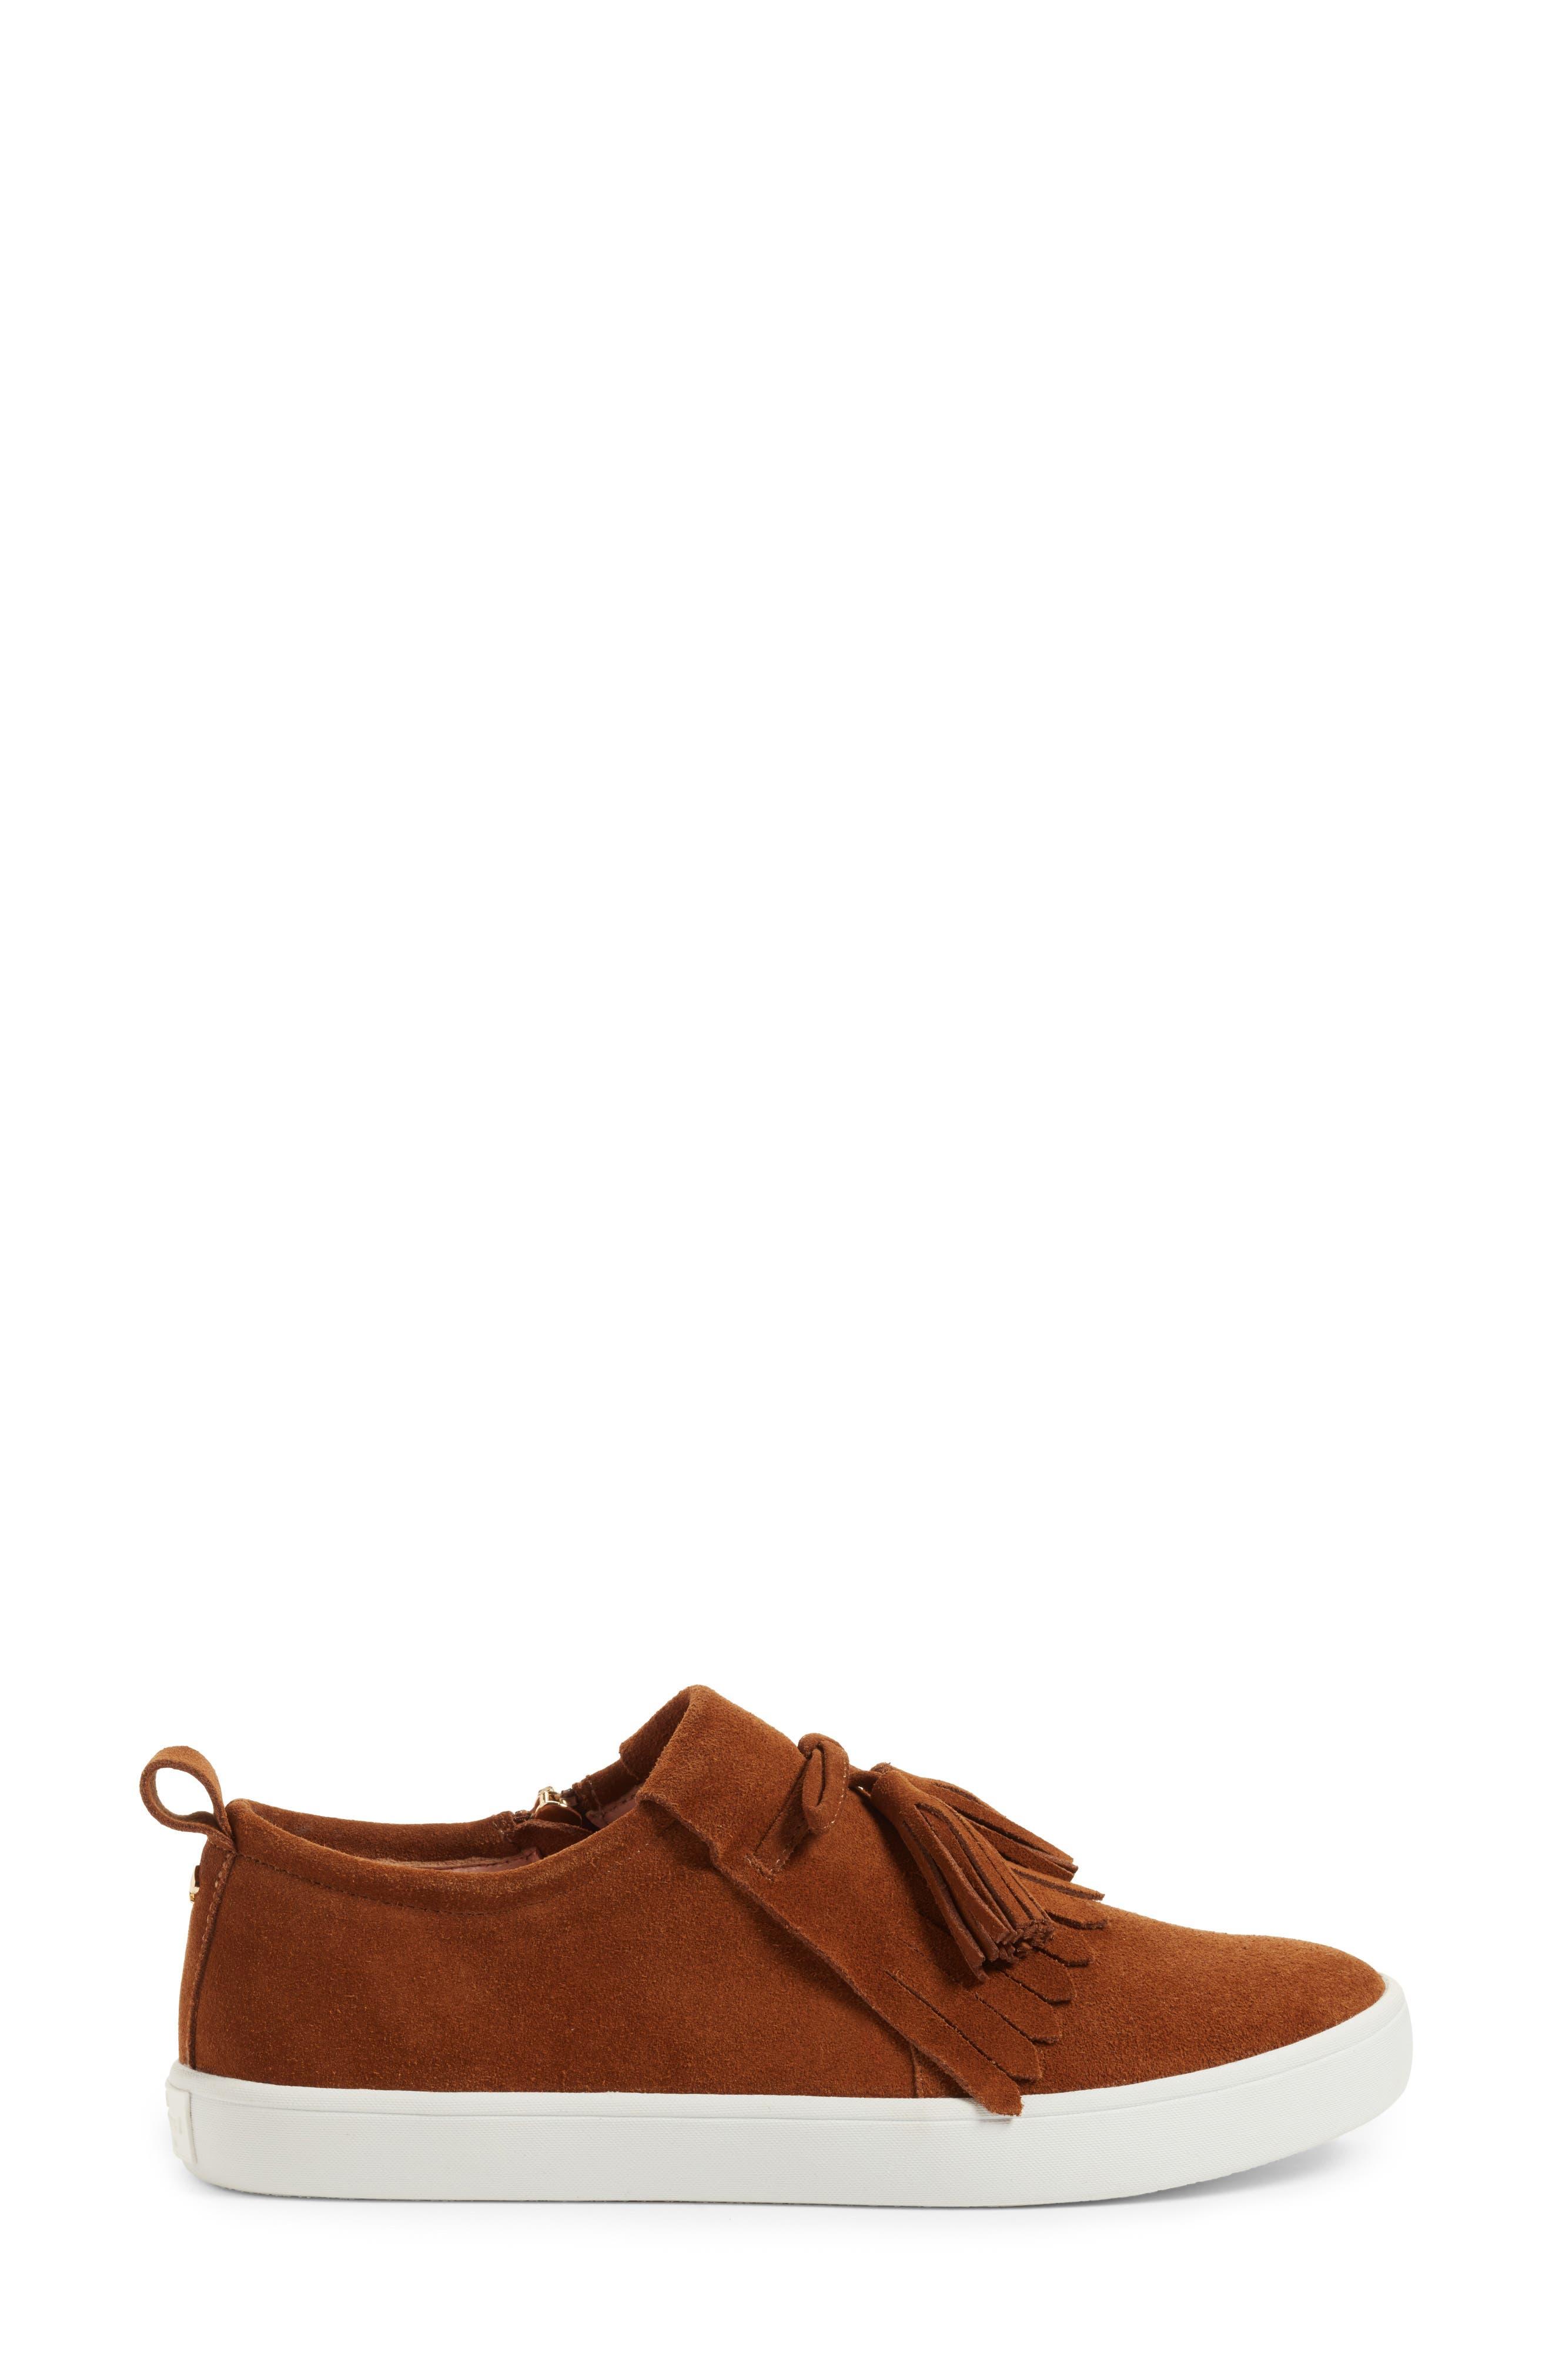 Alternate Image 3  - kate spade new york lenna tassel sneaker (Women)